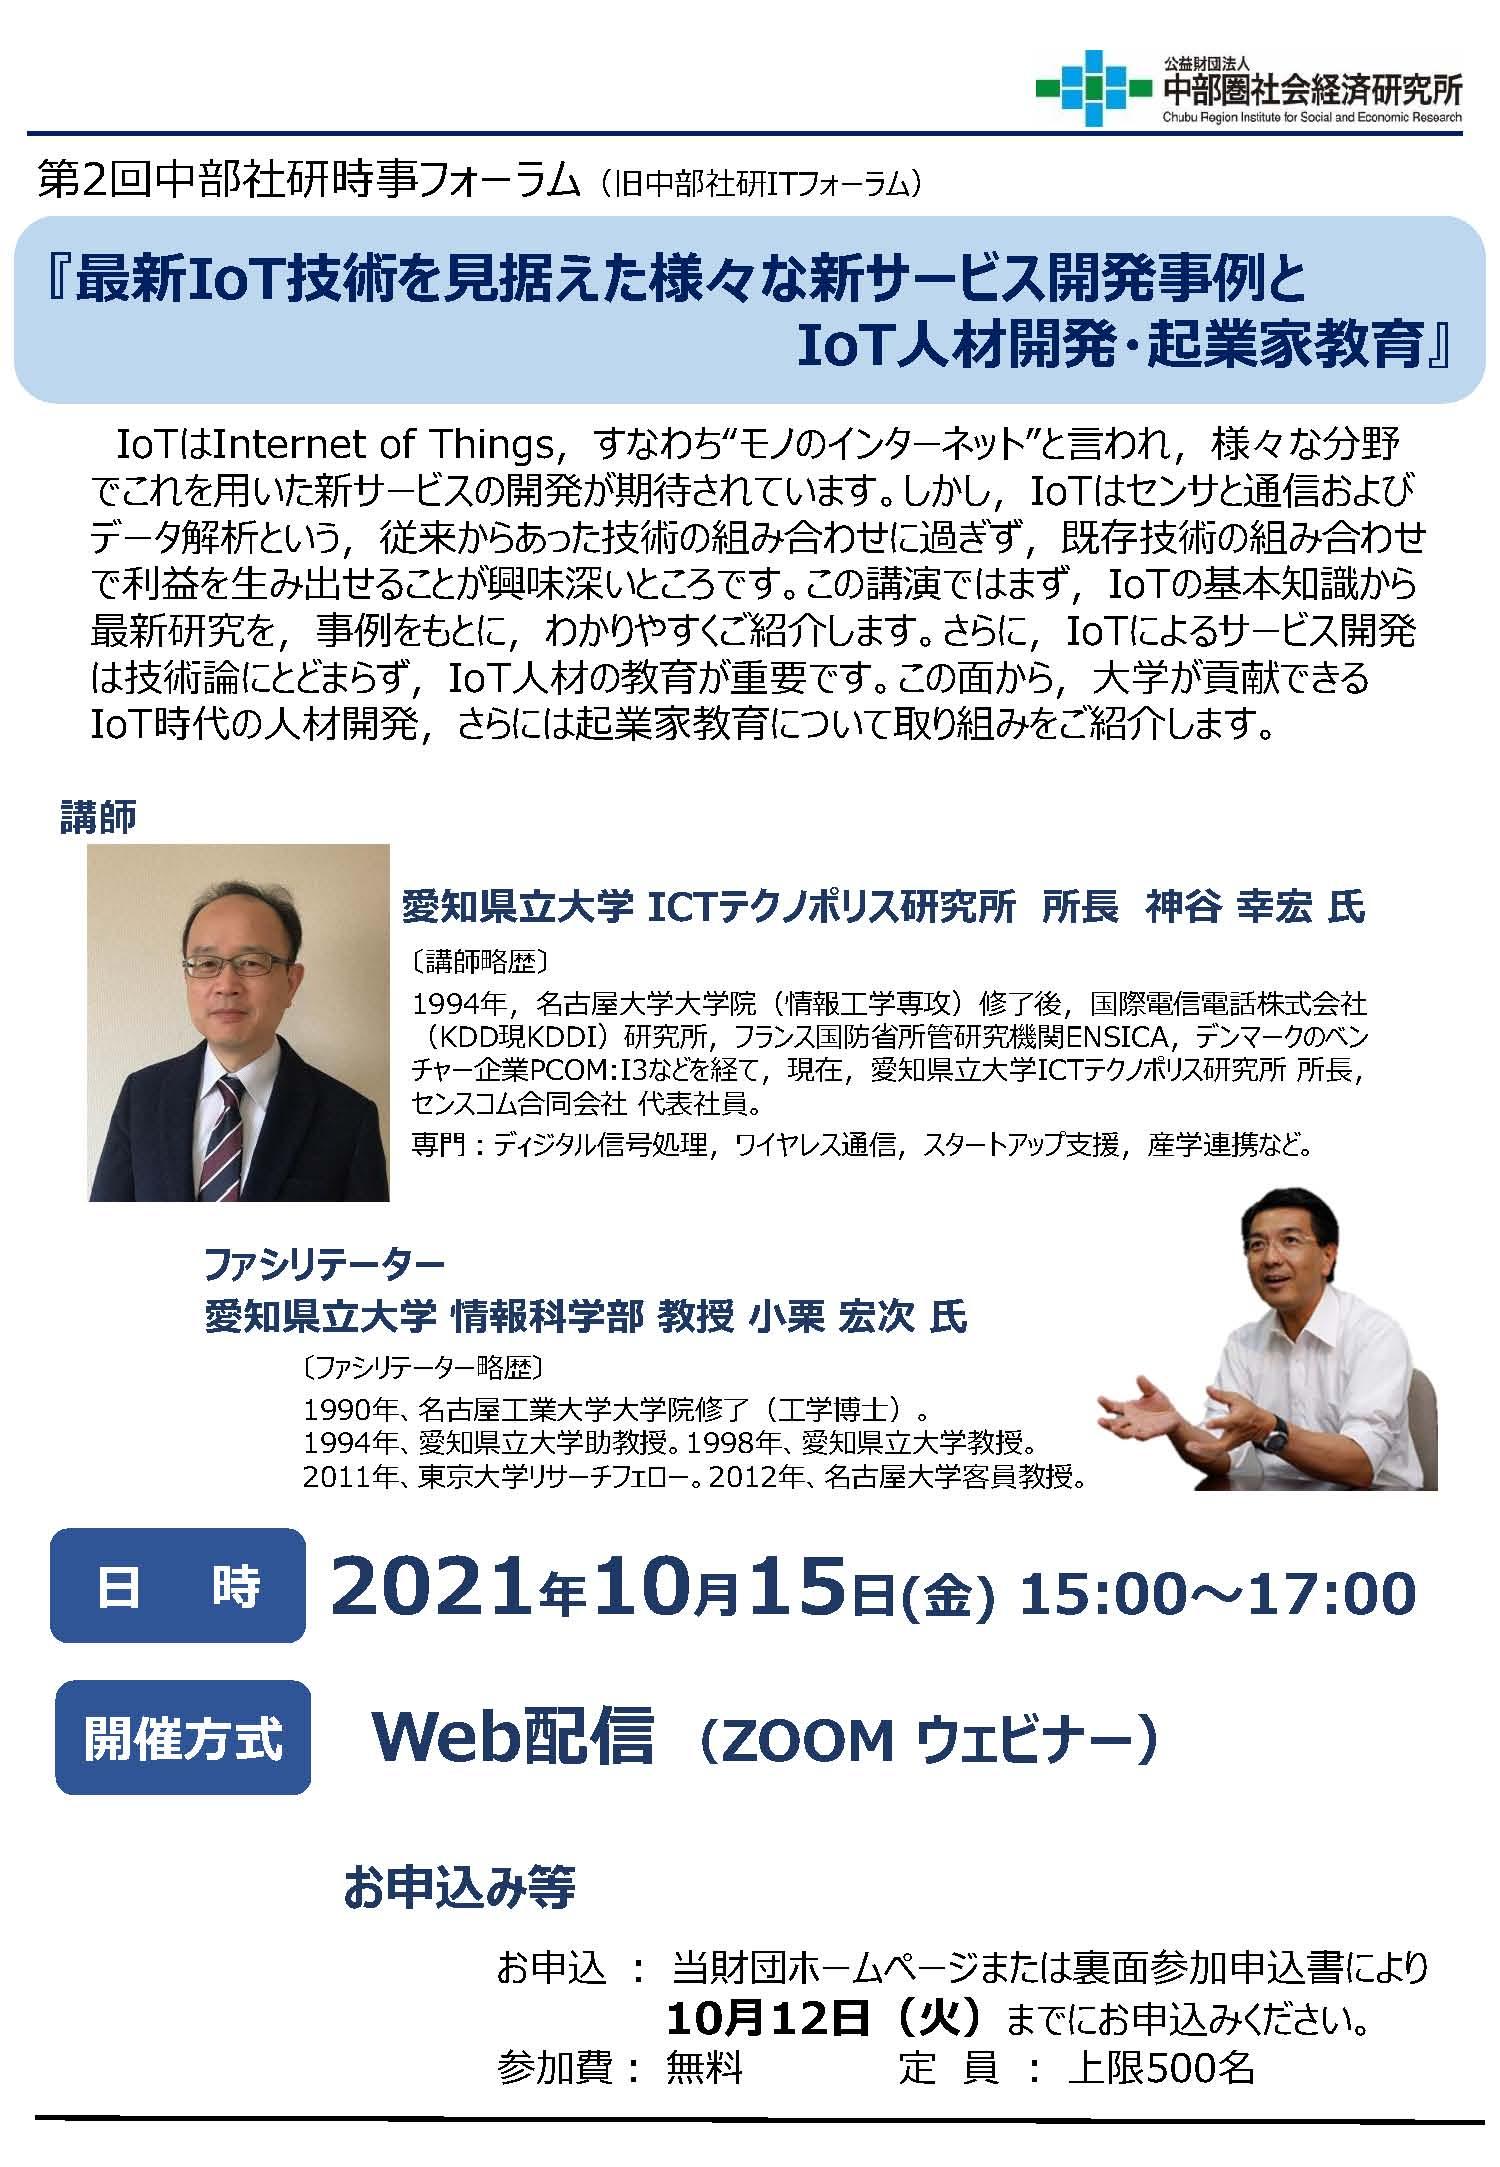 「中部社研時事フォーラム」で所長 神谷が講演いたします!